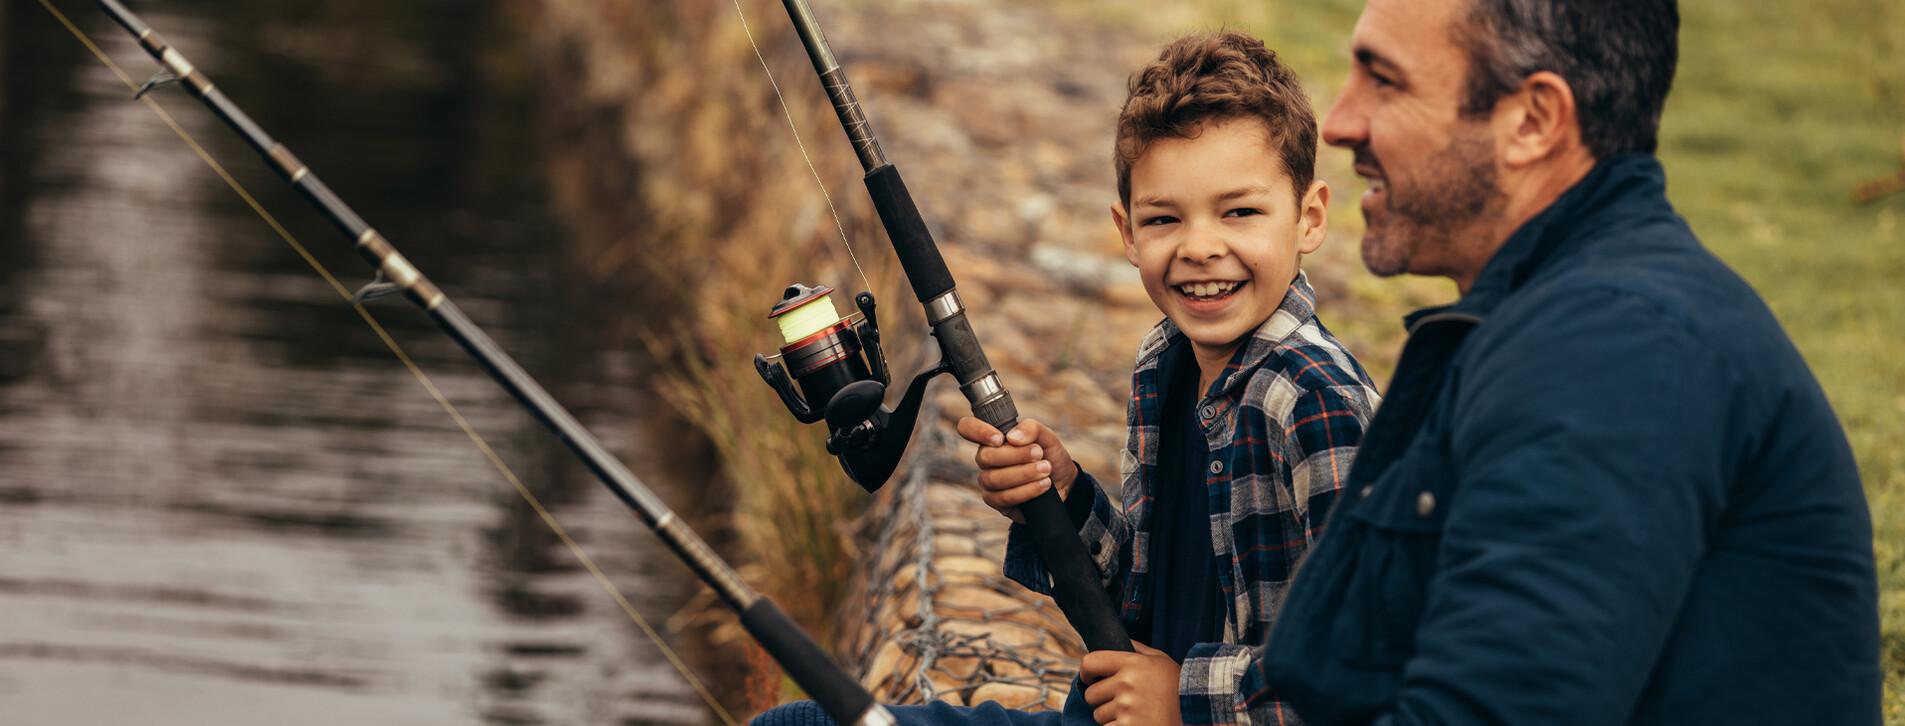 Фото 1 - Семейный уикенд с рыбалкой в «Дельте Днепра»